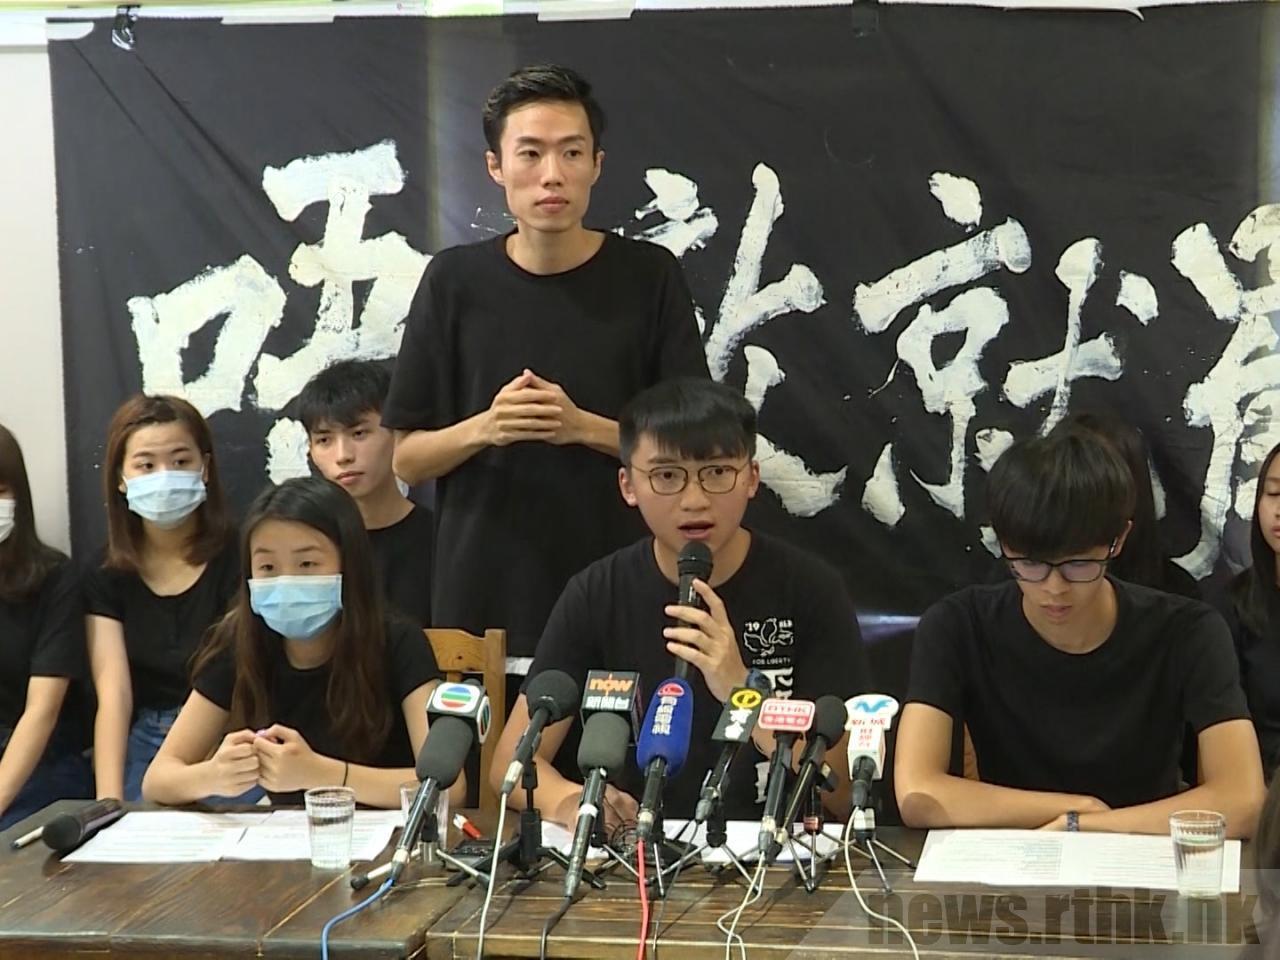 「籌備平台」表示,是以協助學生的身分籌備罷課,不會凌駕學生意志。圖:香港電台網站